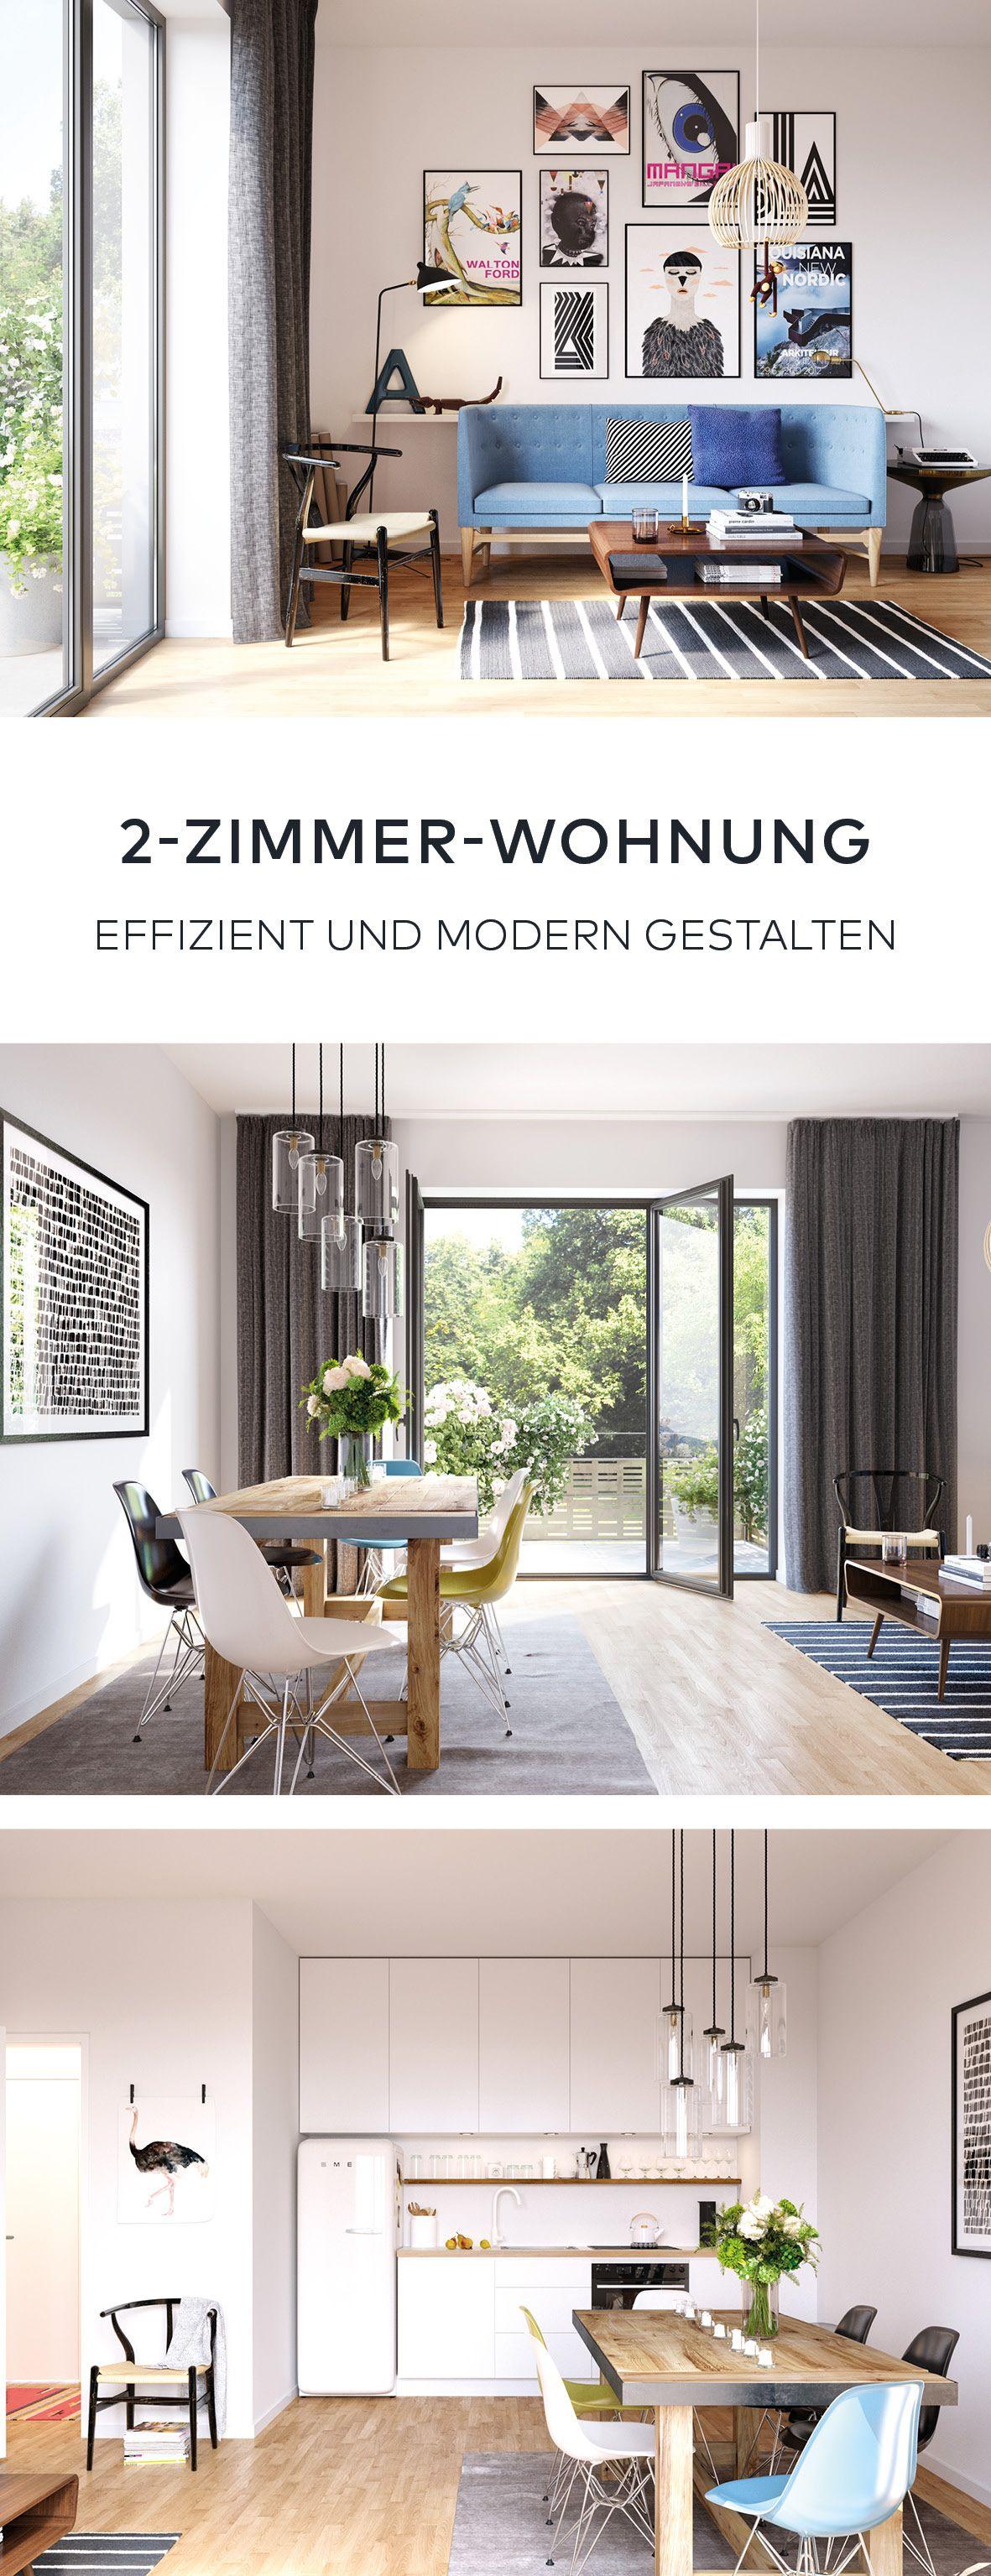 Offene Küche Kleiner Raum   Offene Küche Wohnzimmer Esszimmer Küche ...